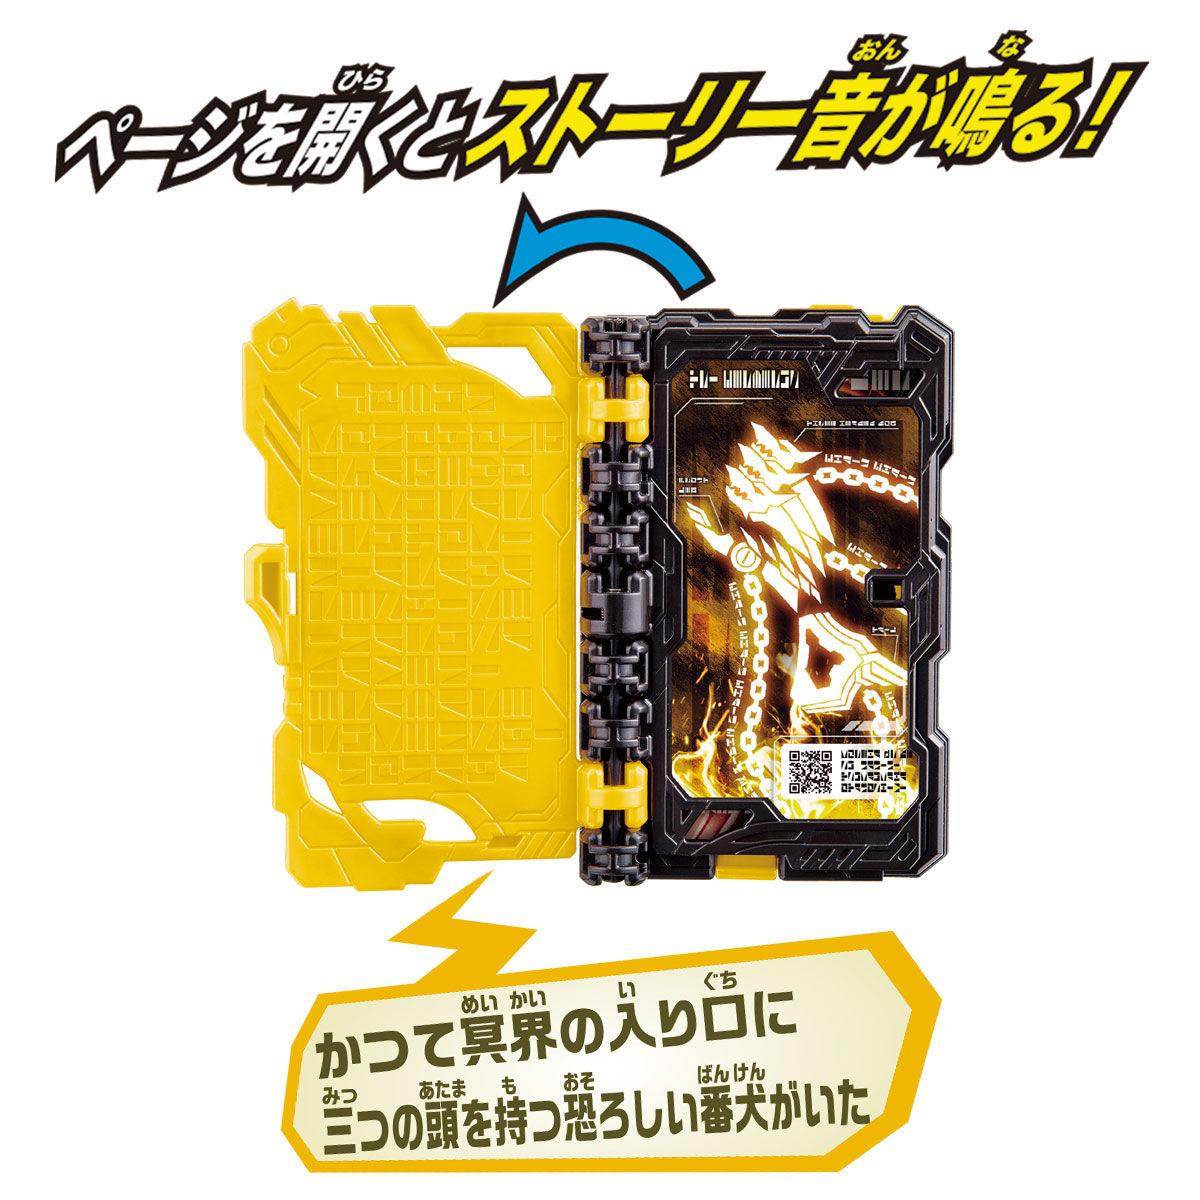 仮面ライダーセイバー『DXトライケルベロスワンダーライドブック』変身なりきり-003